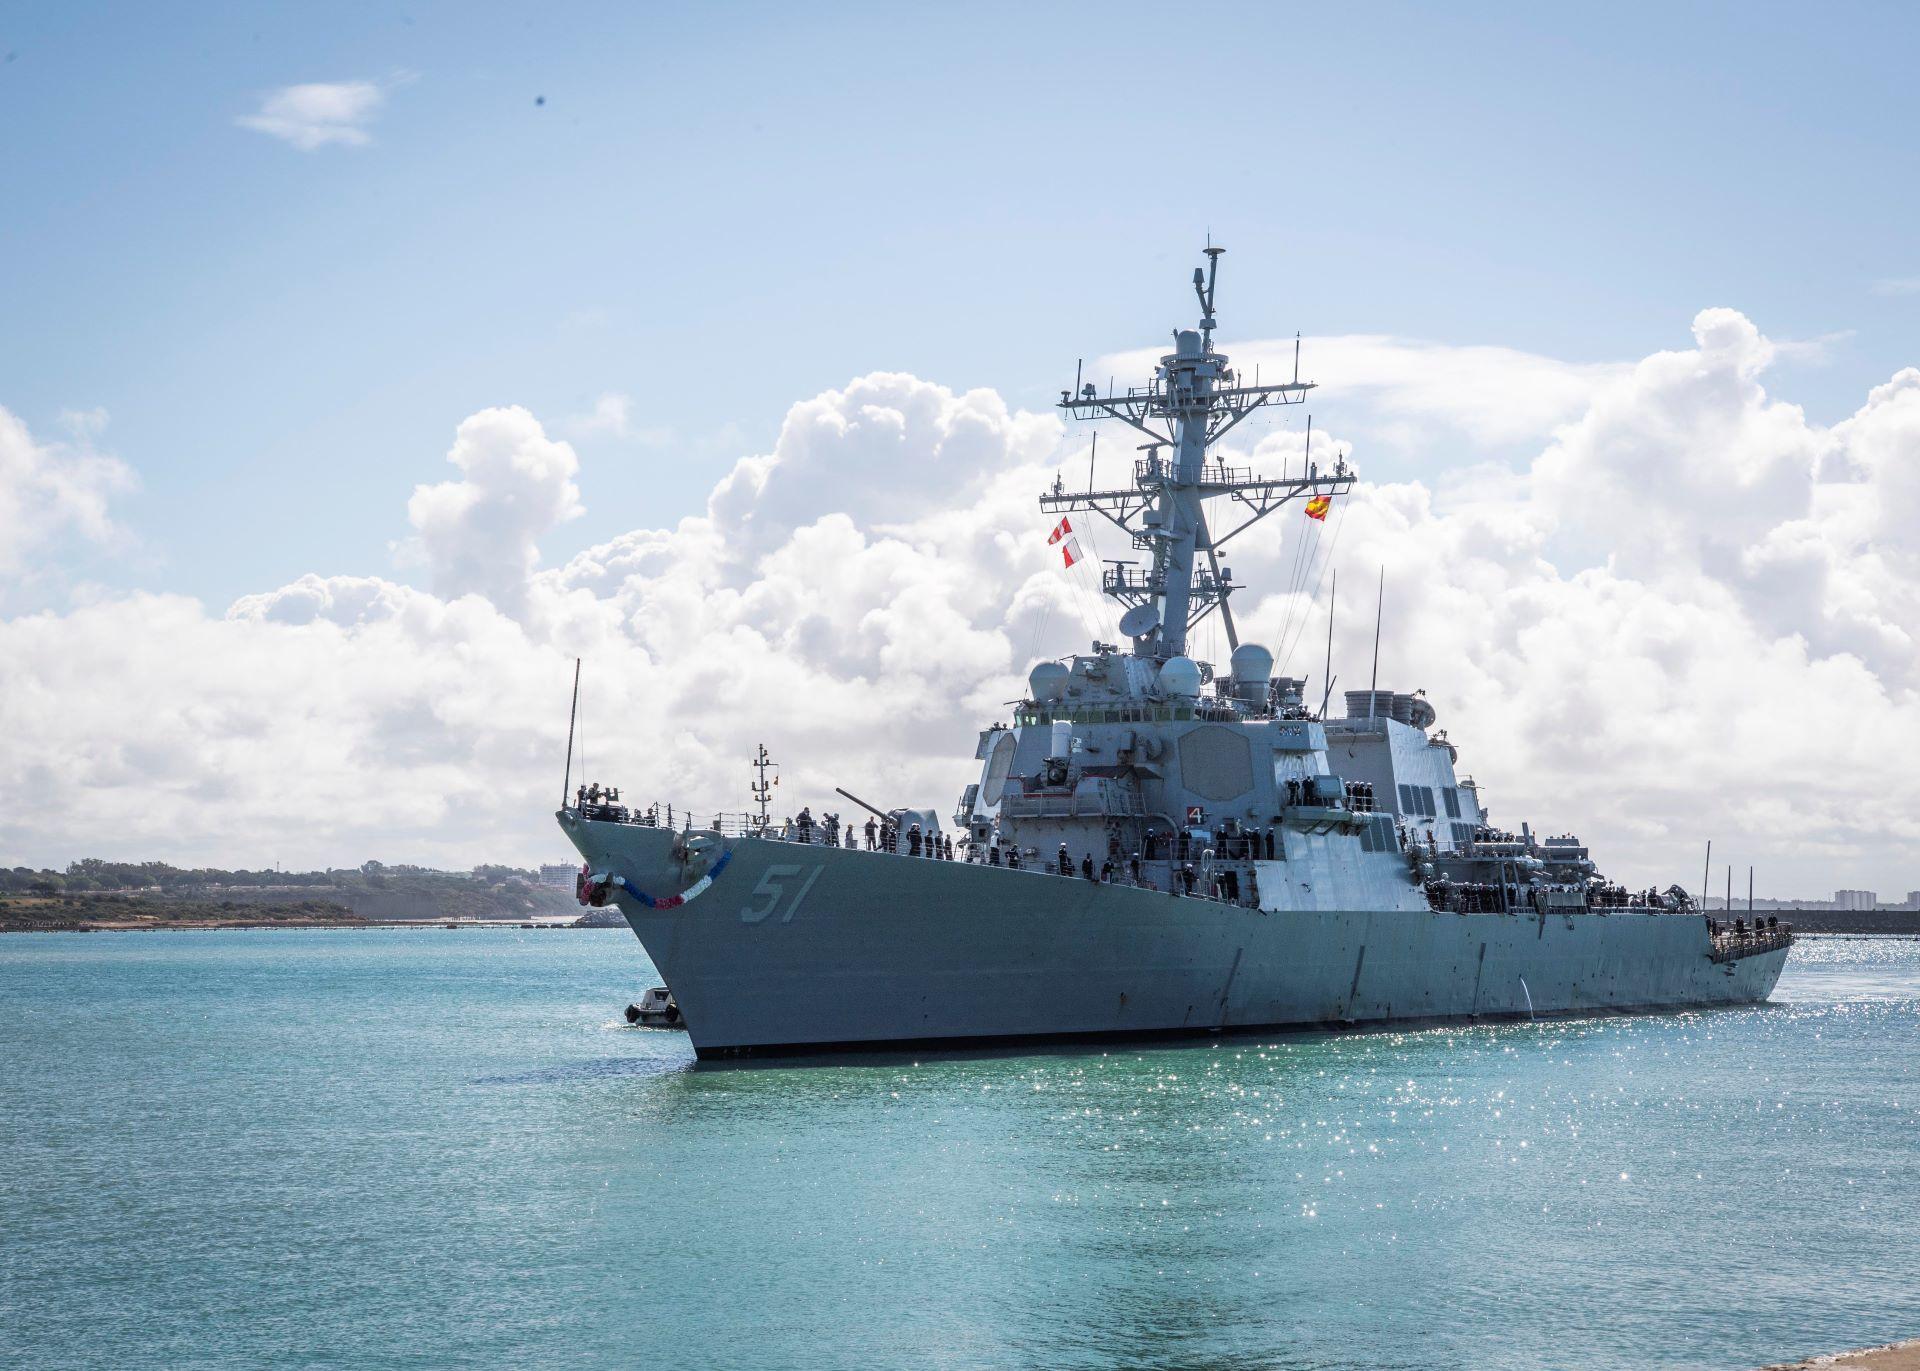 Mỹ cần tàu khu trục mới để theo kịp tàu type 055 của Trung Quốc?